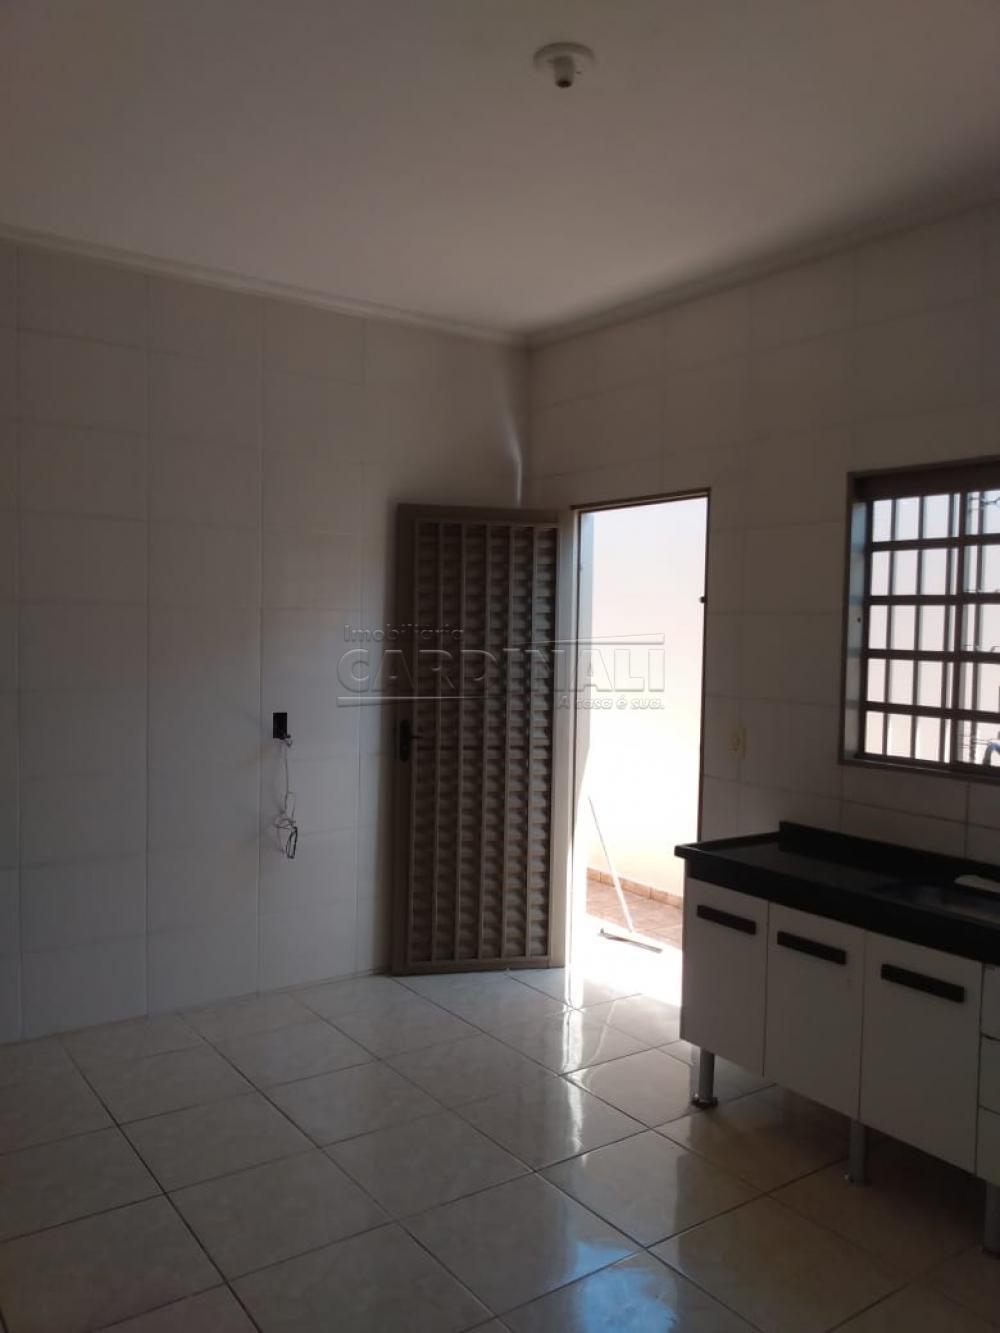 Comprar Casa / Padrão em São Carlos R$ 155.000,00 - Foto 7